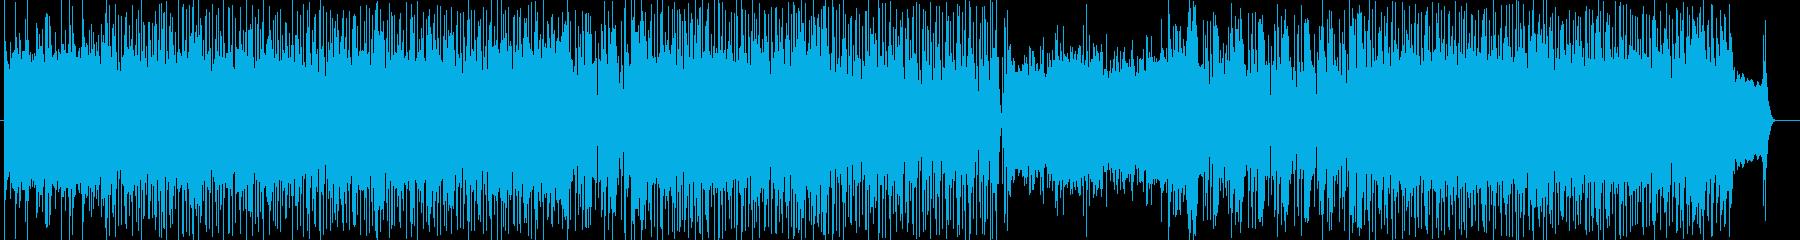 スポーツゲームに特化したアップテンポな曲の再生済みの波形